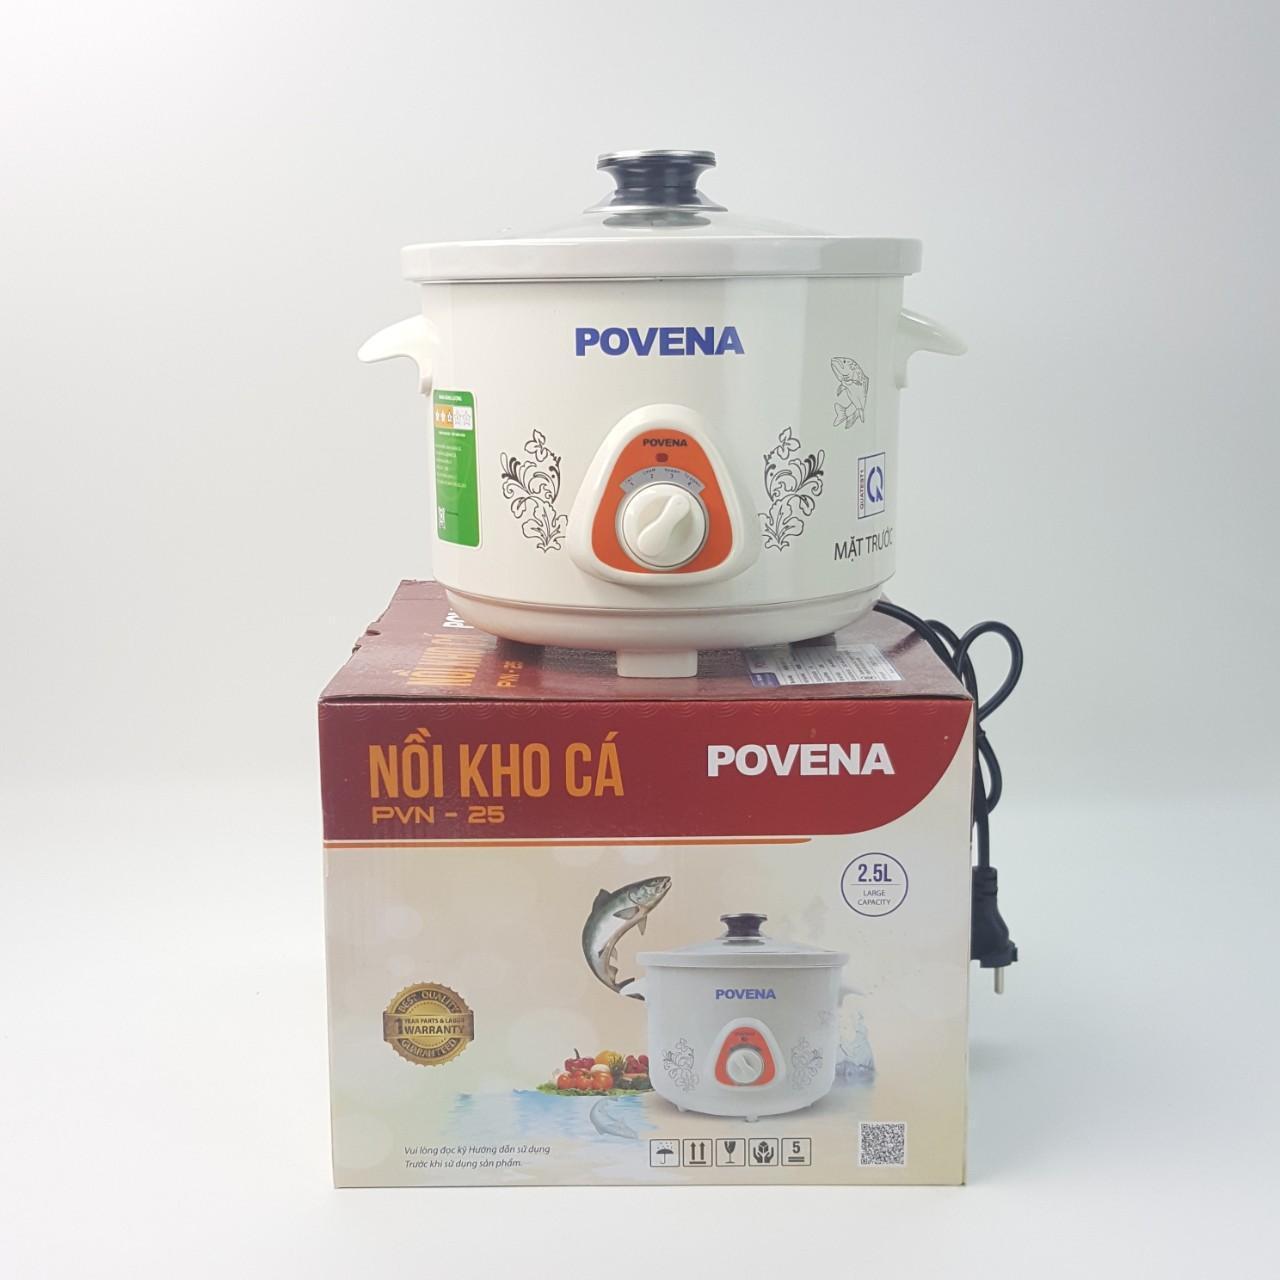 Nồi kho cá Povena 2,5L 1800W bảo vệ chống quá nhiệt màu trắng PVN-25